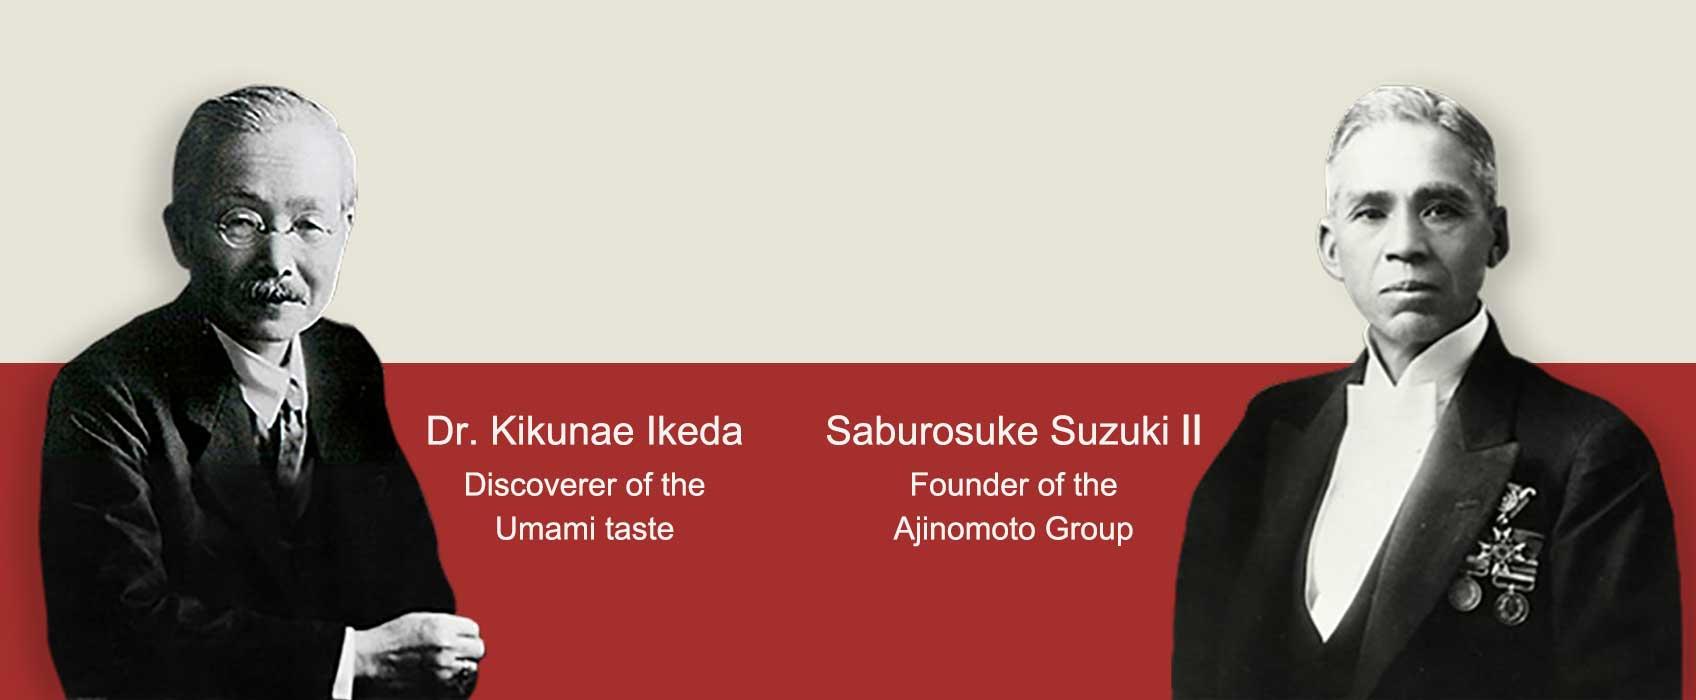 ประวัติศาสตร์ | เกี่ยวกับเรา | Ajinomoto Group Global Website -  กินดีอยู่ดีมีสุข